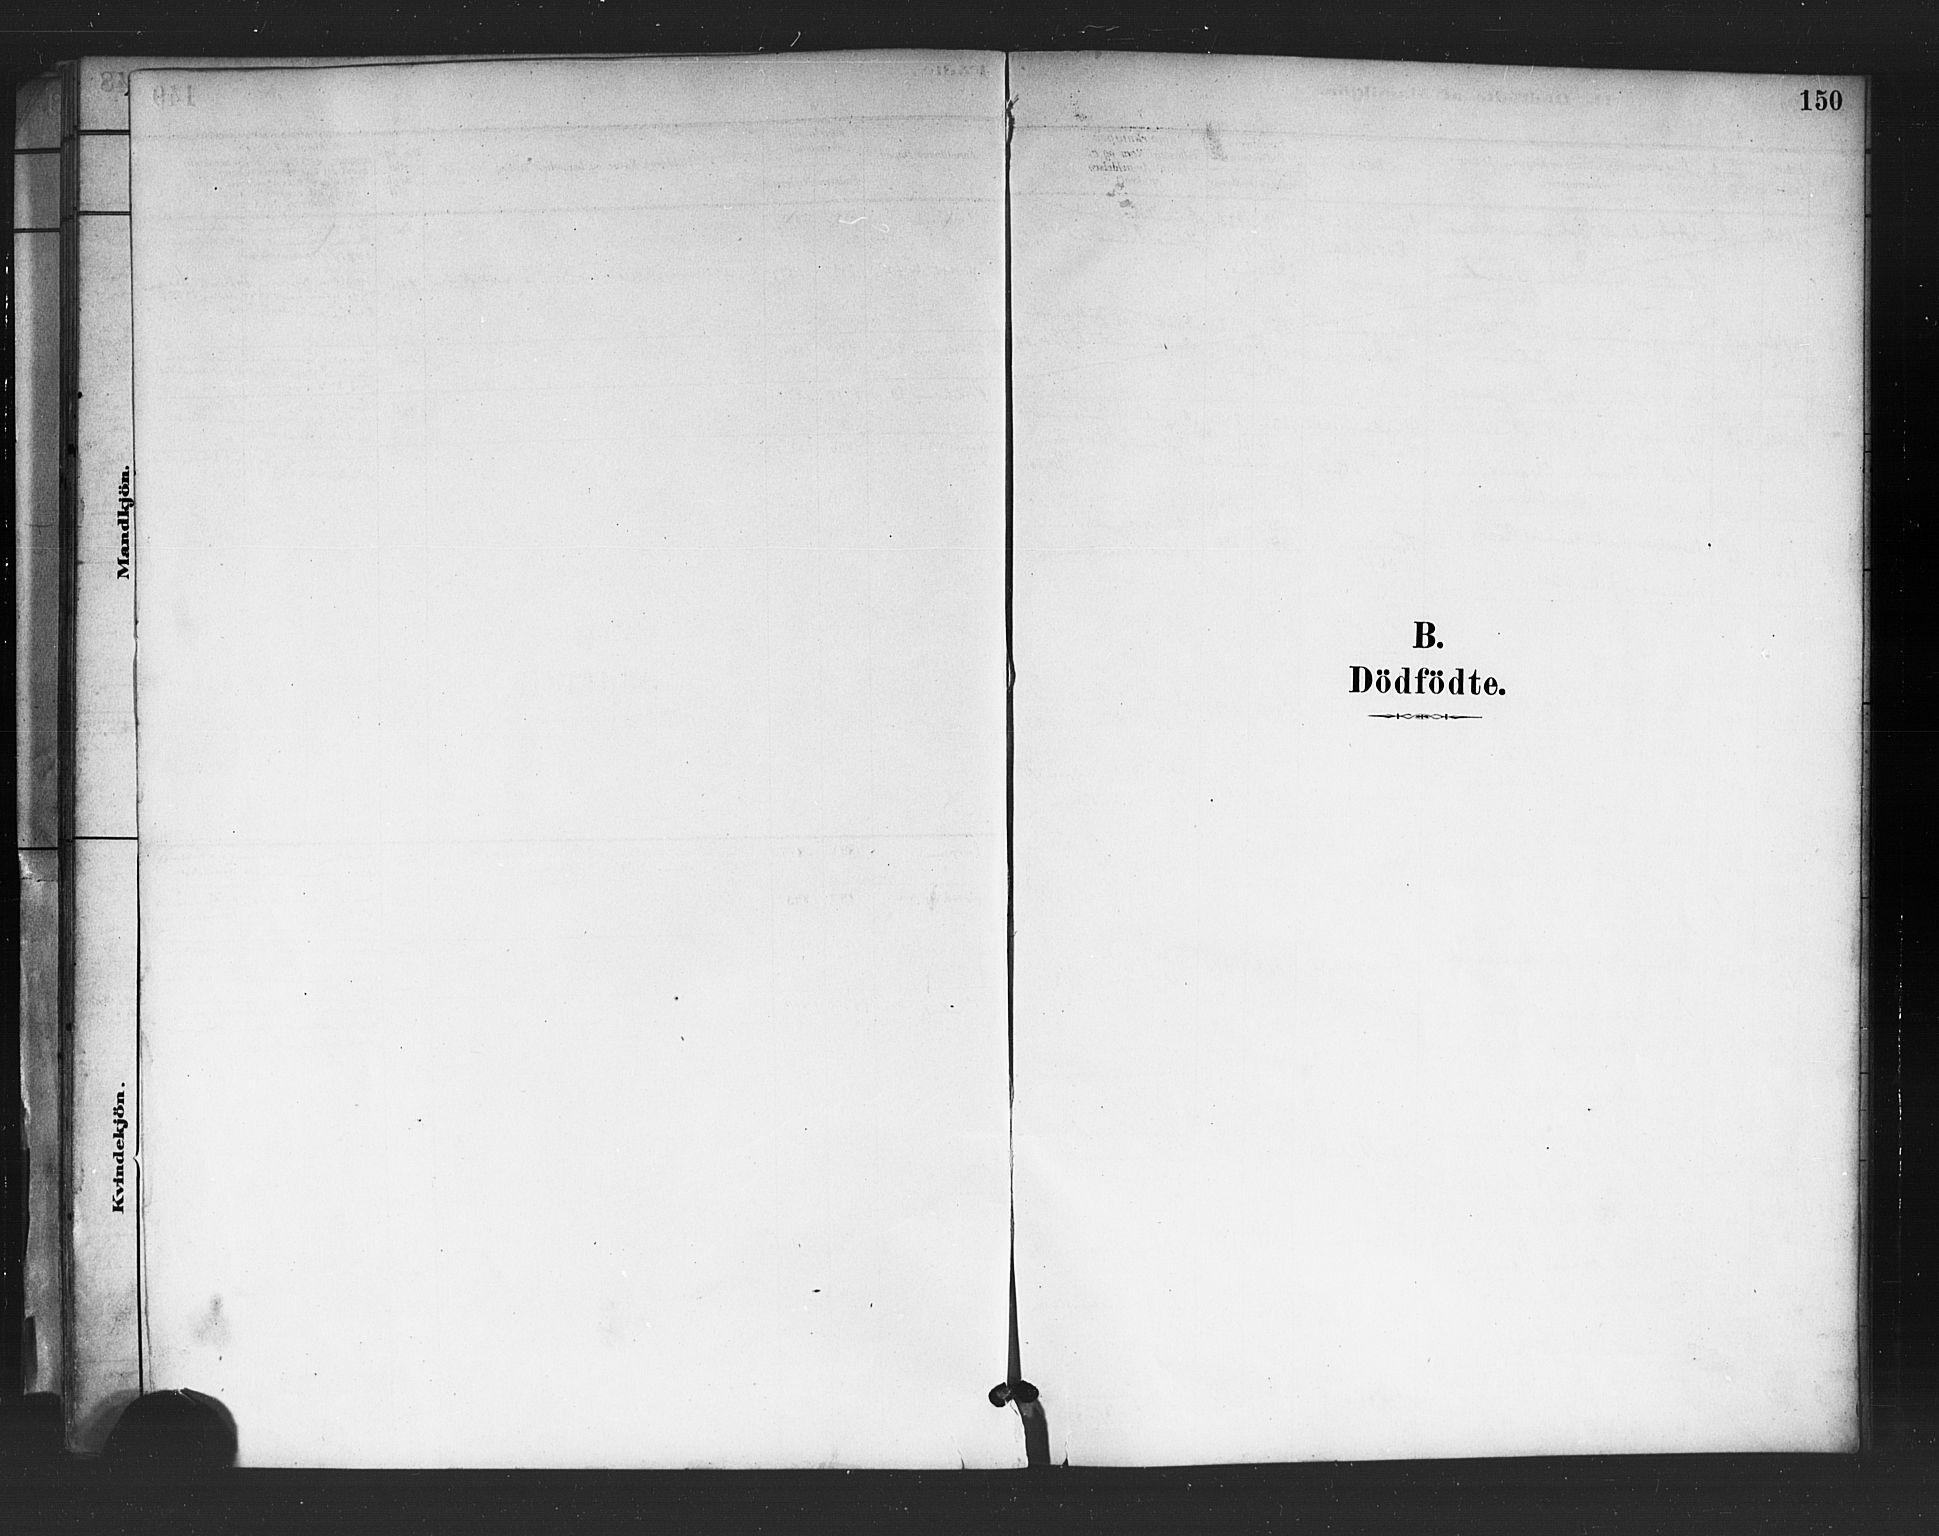 SAO, Petrus prestekontor Kirkebøker, F/Fa/L0001: Ministerialbok nr. 1, 1880-1887, s. 150